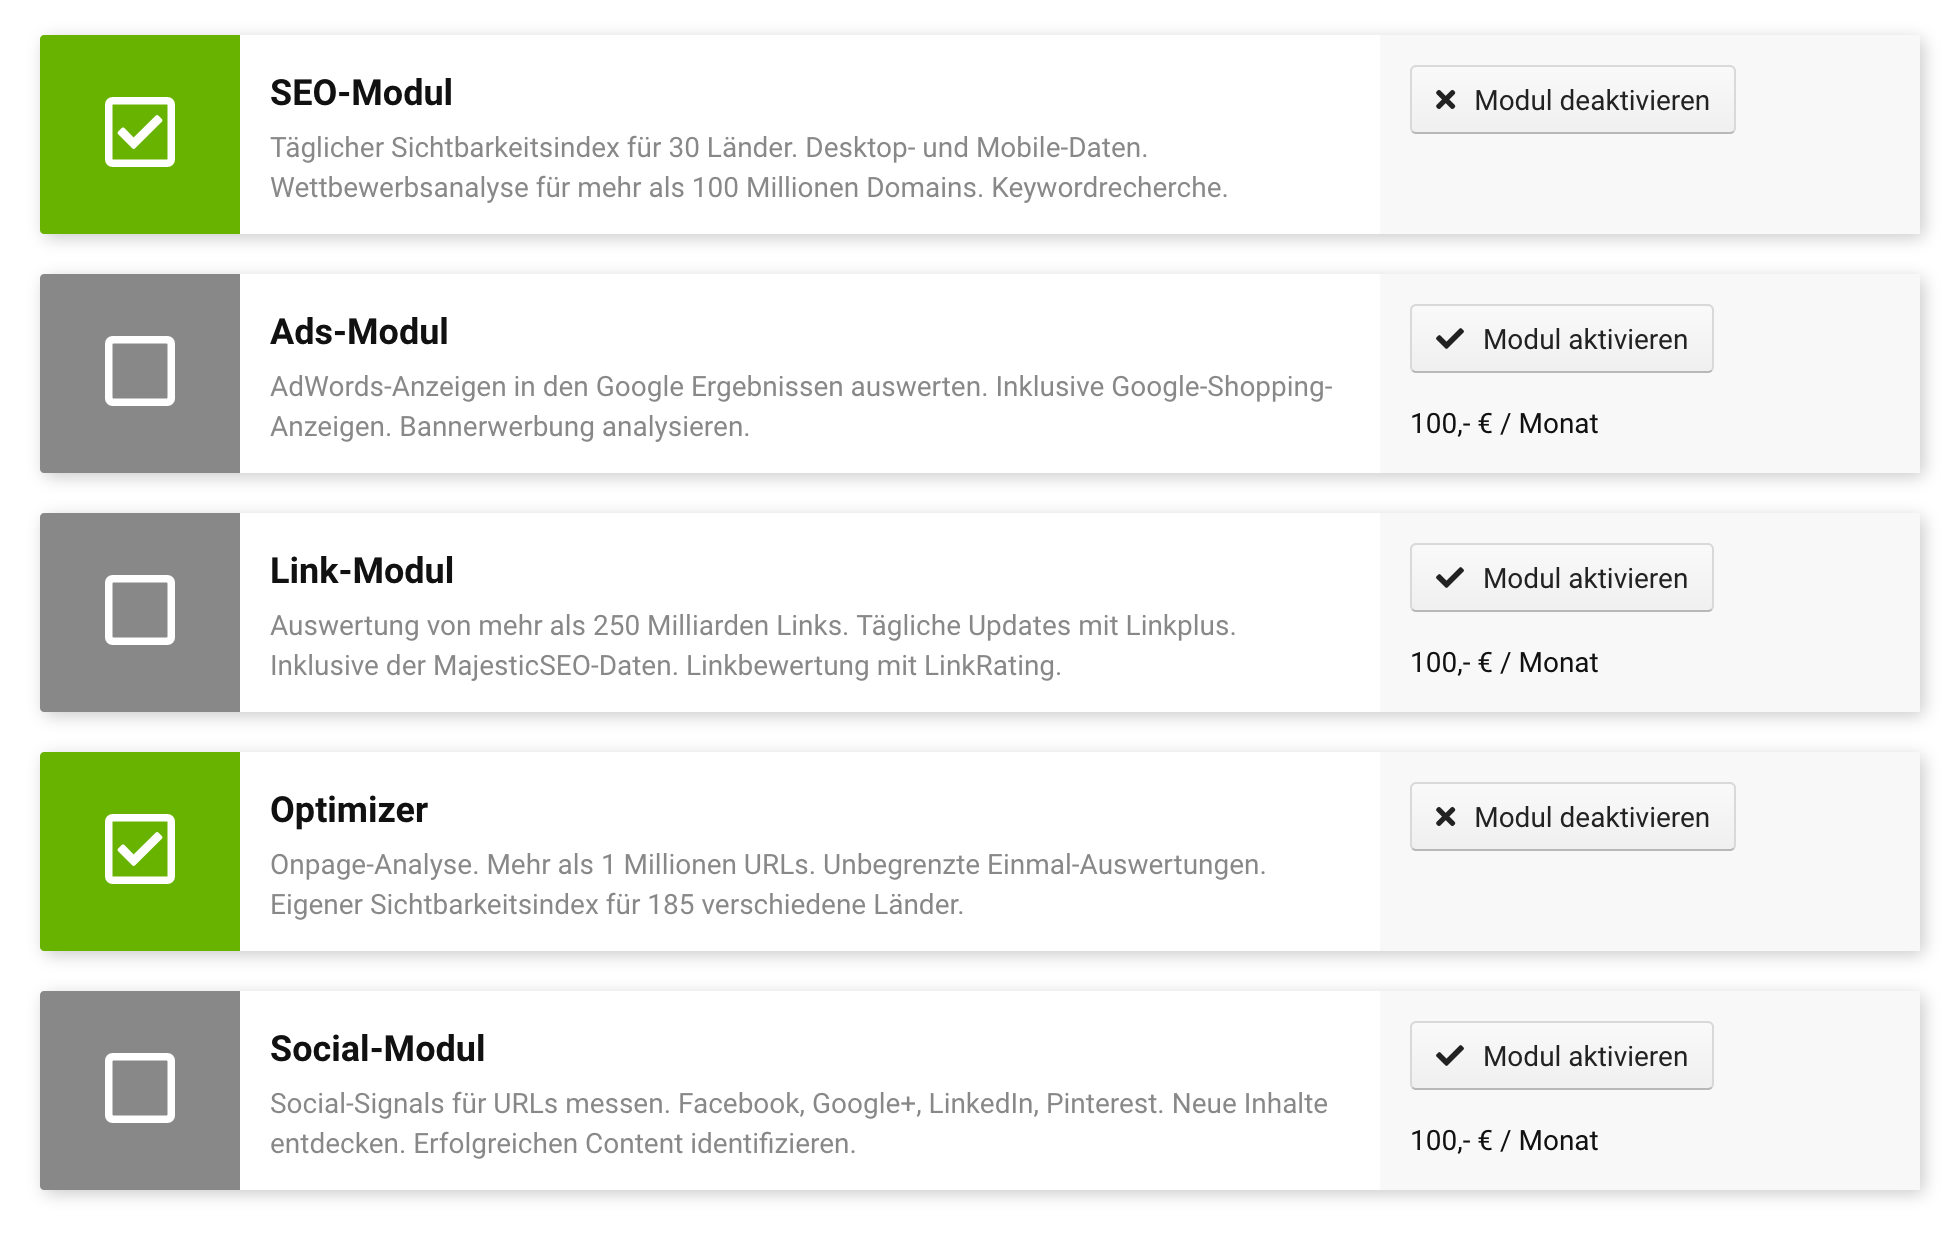 Modulauswahl der SISTRIX Toolbox. Es gibt die Module SEO, Ads, Link, Optimizer und Social. Bei jedem Modul gibt es einen Button um dieses zu aktivieren oder deaktivieren.